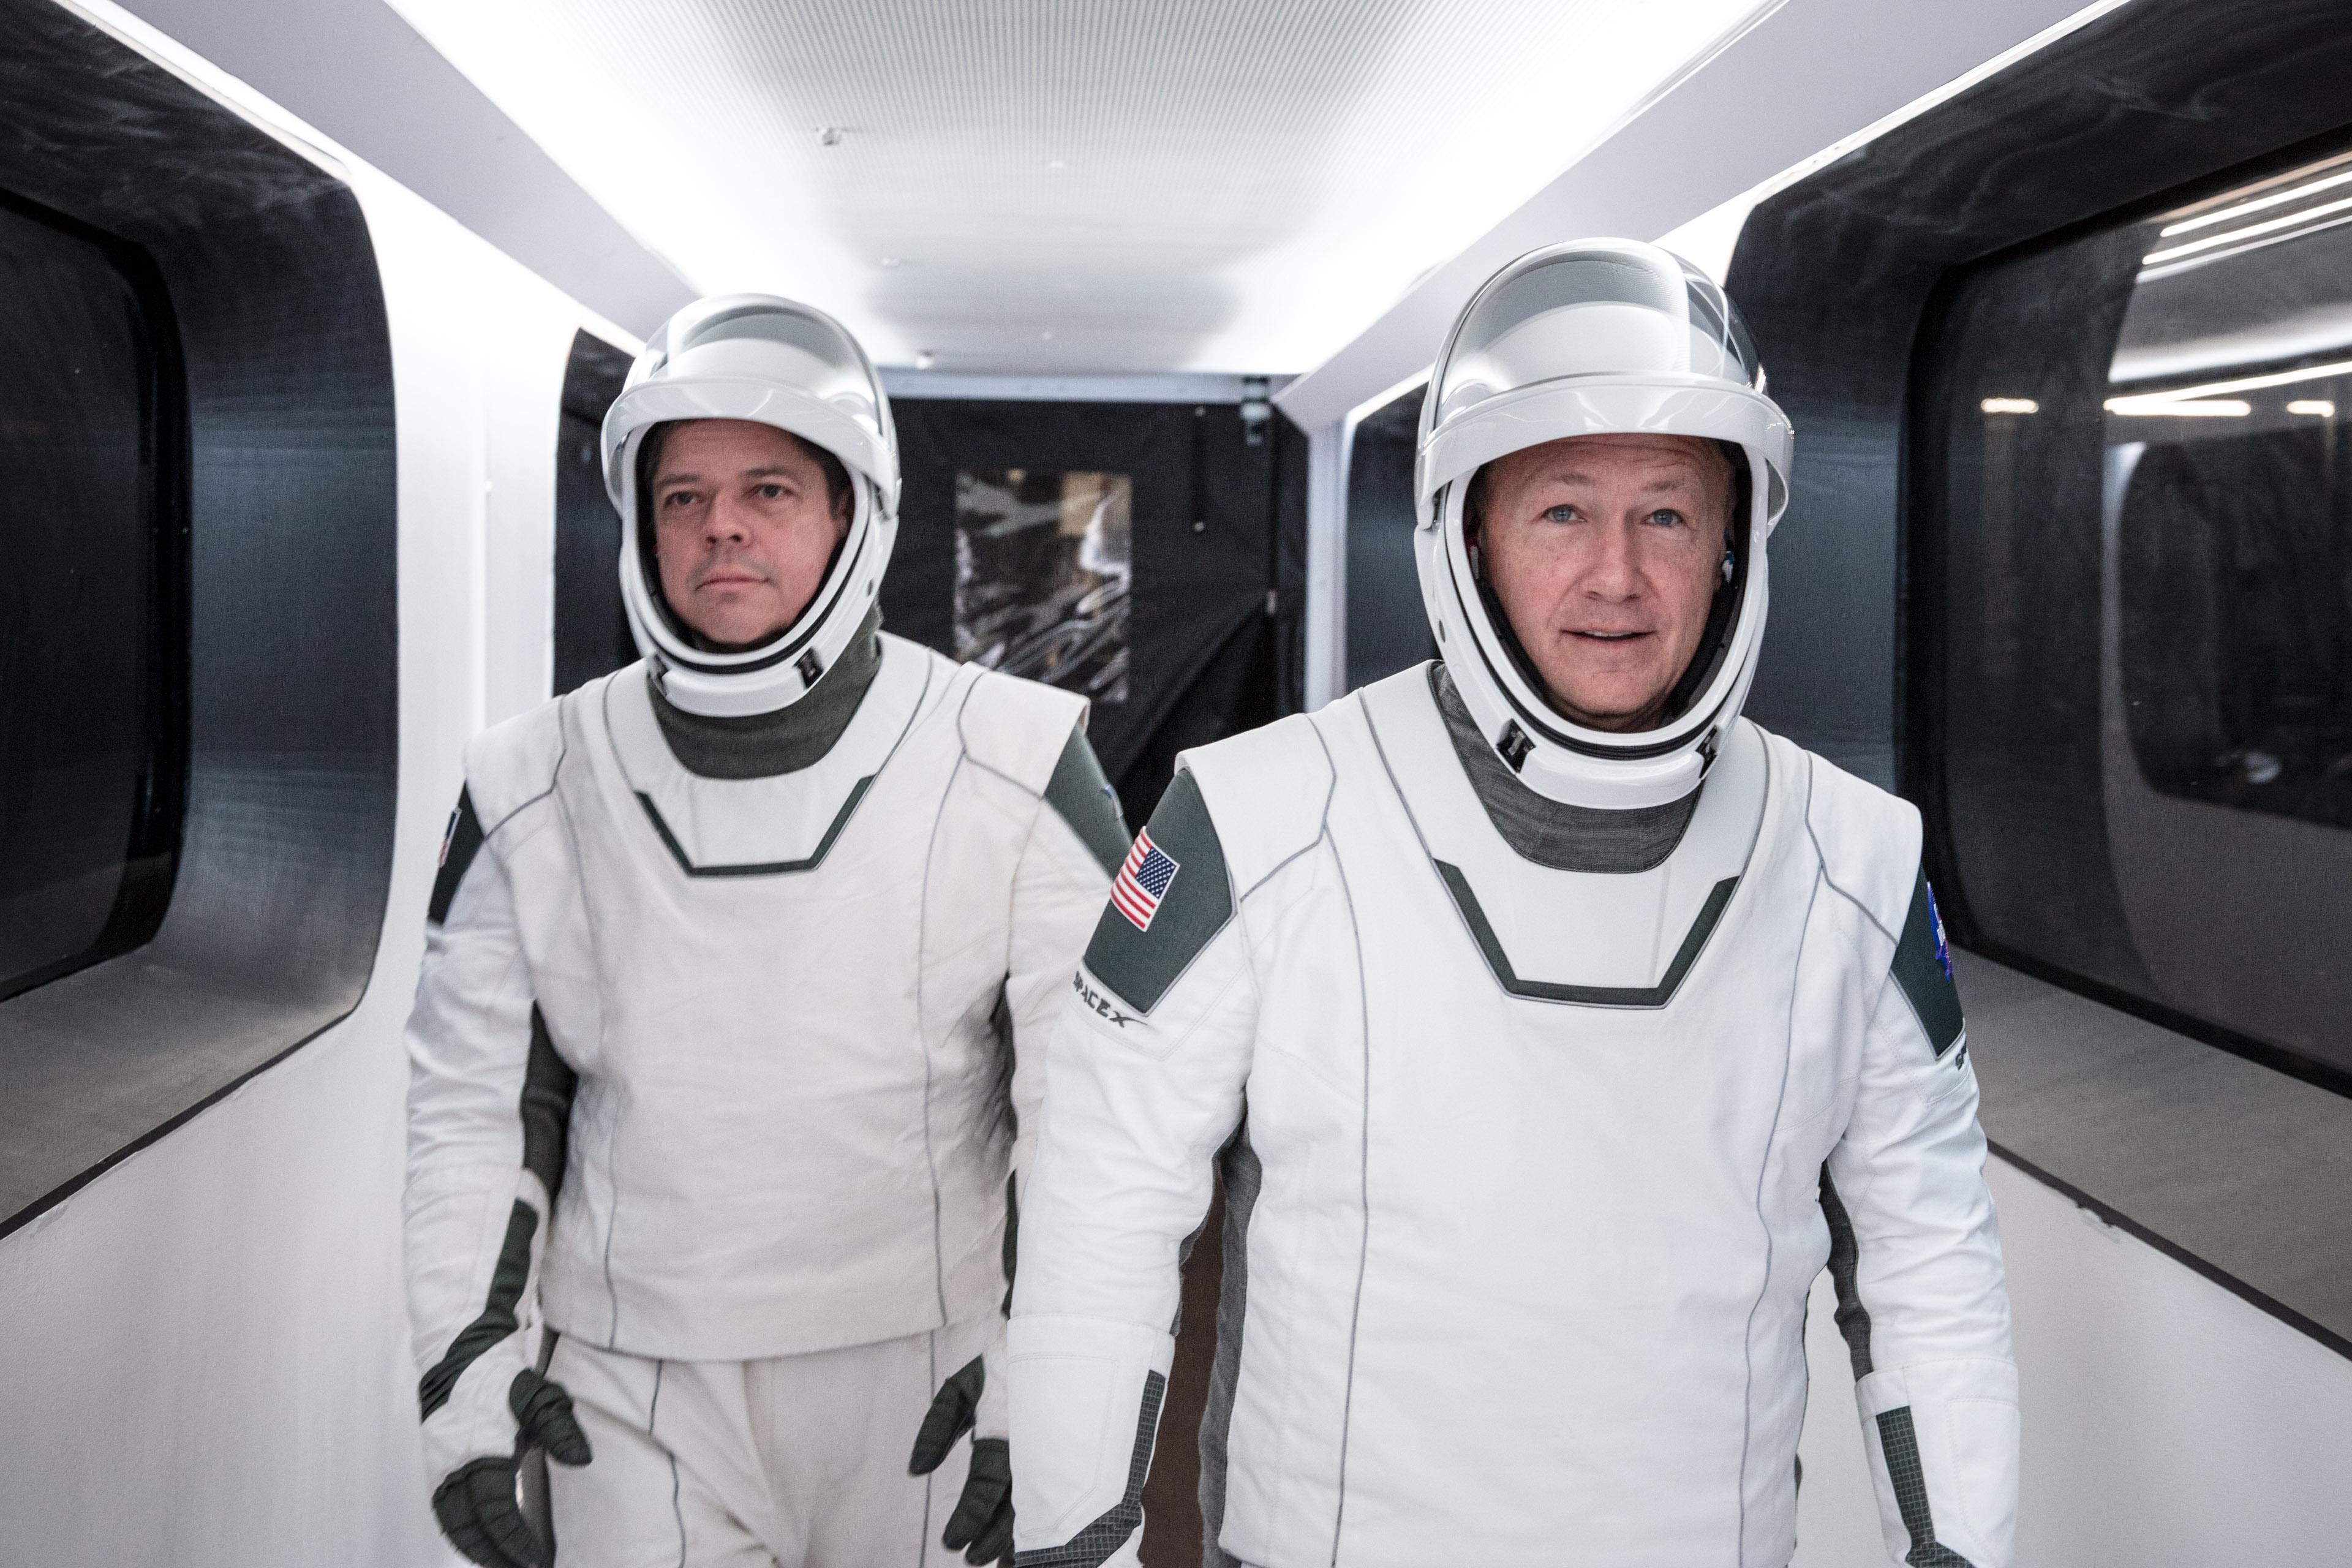 Astronauci Bob Behnken i Doug Hurley podczas ćwiczeń (Źródło: NASA Kennedy/SpaceX)